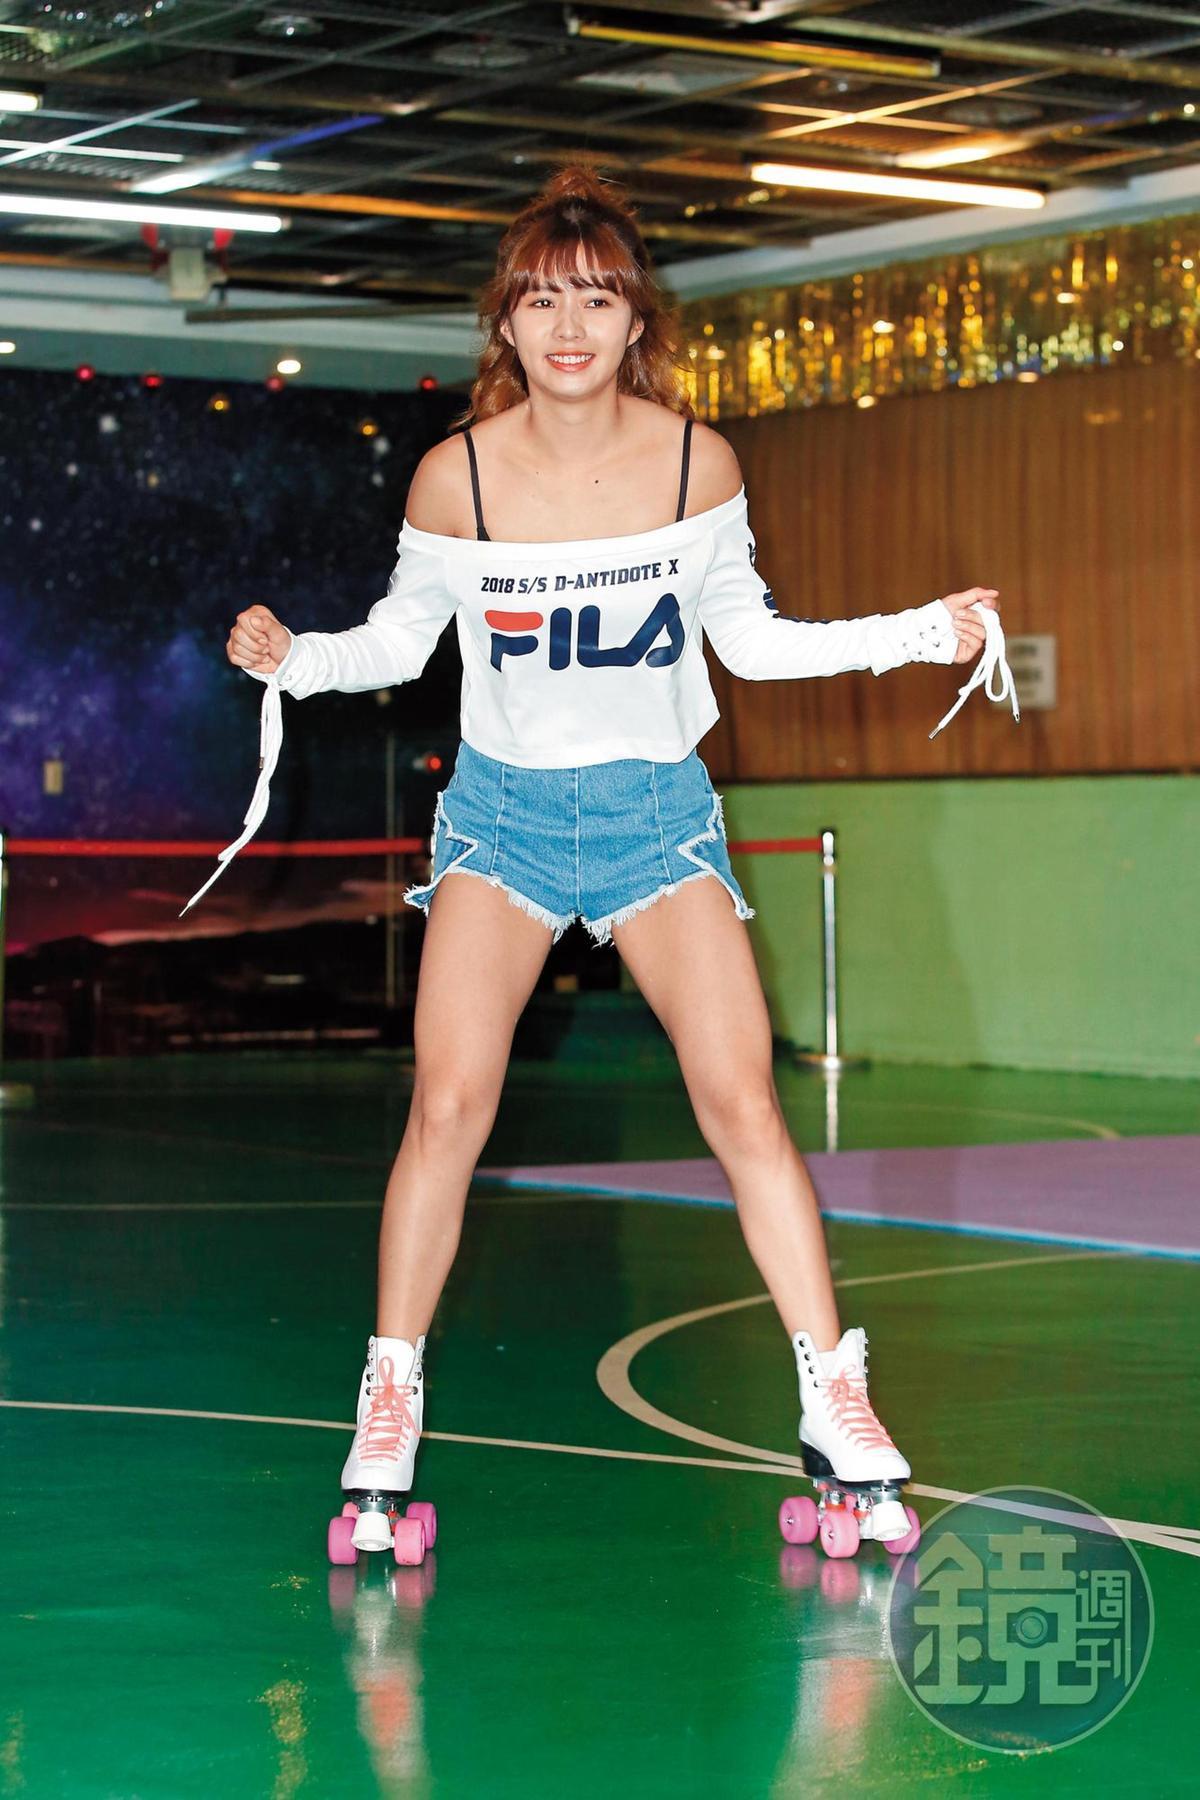 簡廷芮宣傳自己的《大衛女孩》新輯,溜冰造勢時,腳也愈溜愈開,感覺似在遙遙呼應王大陸的緋聞。